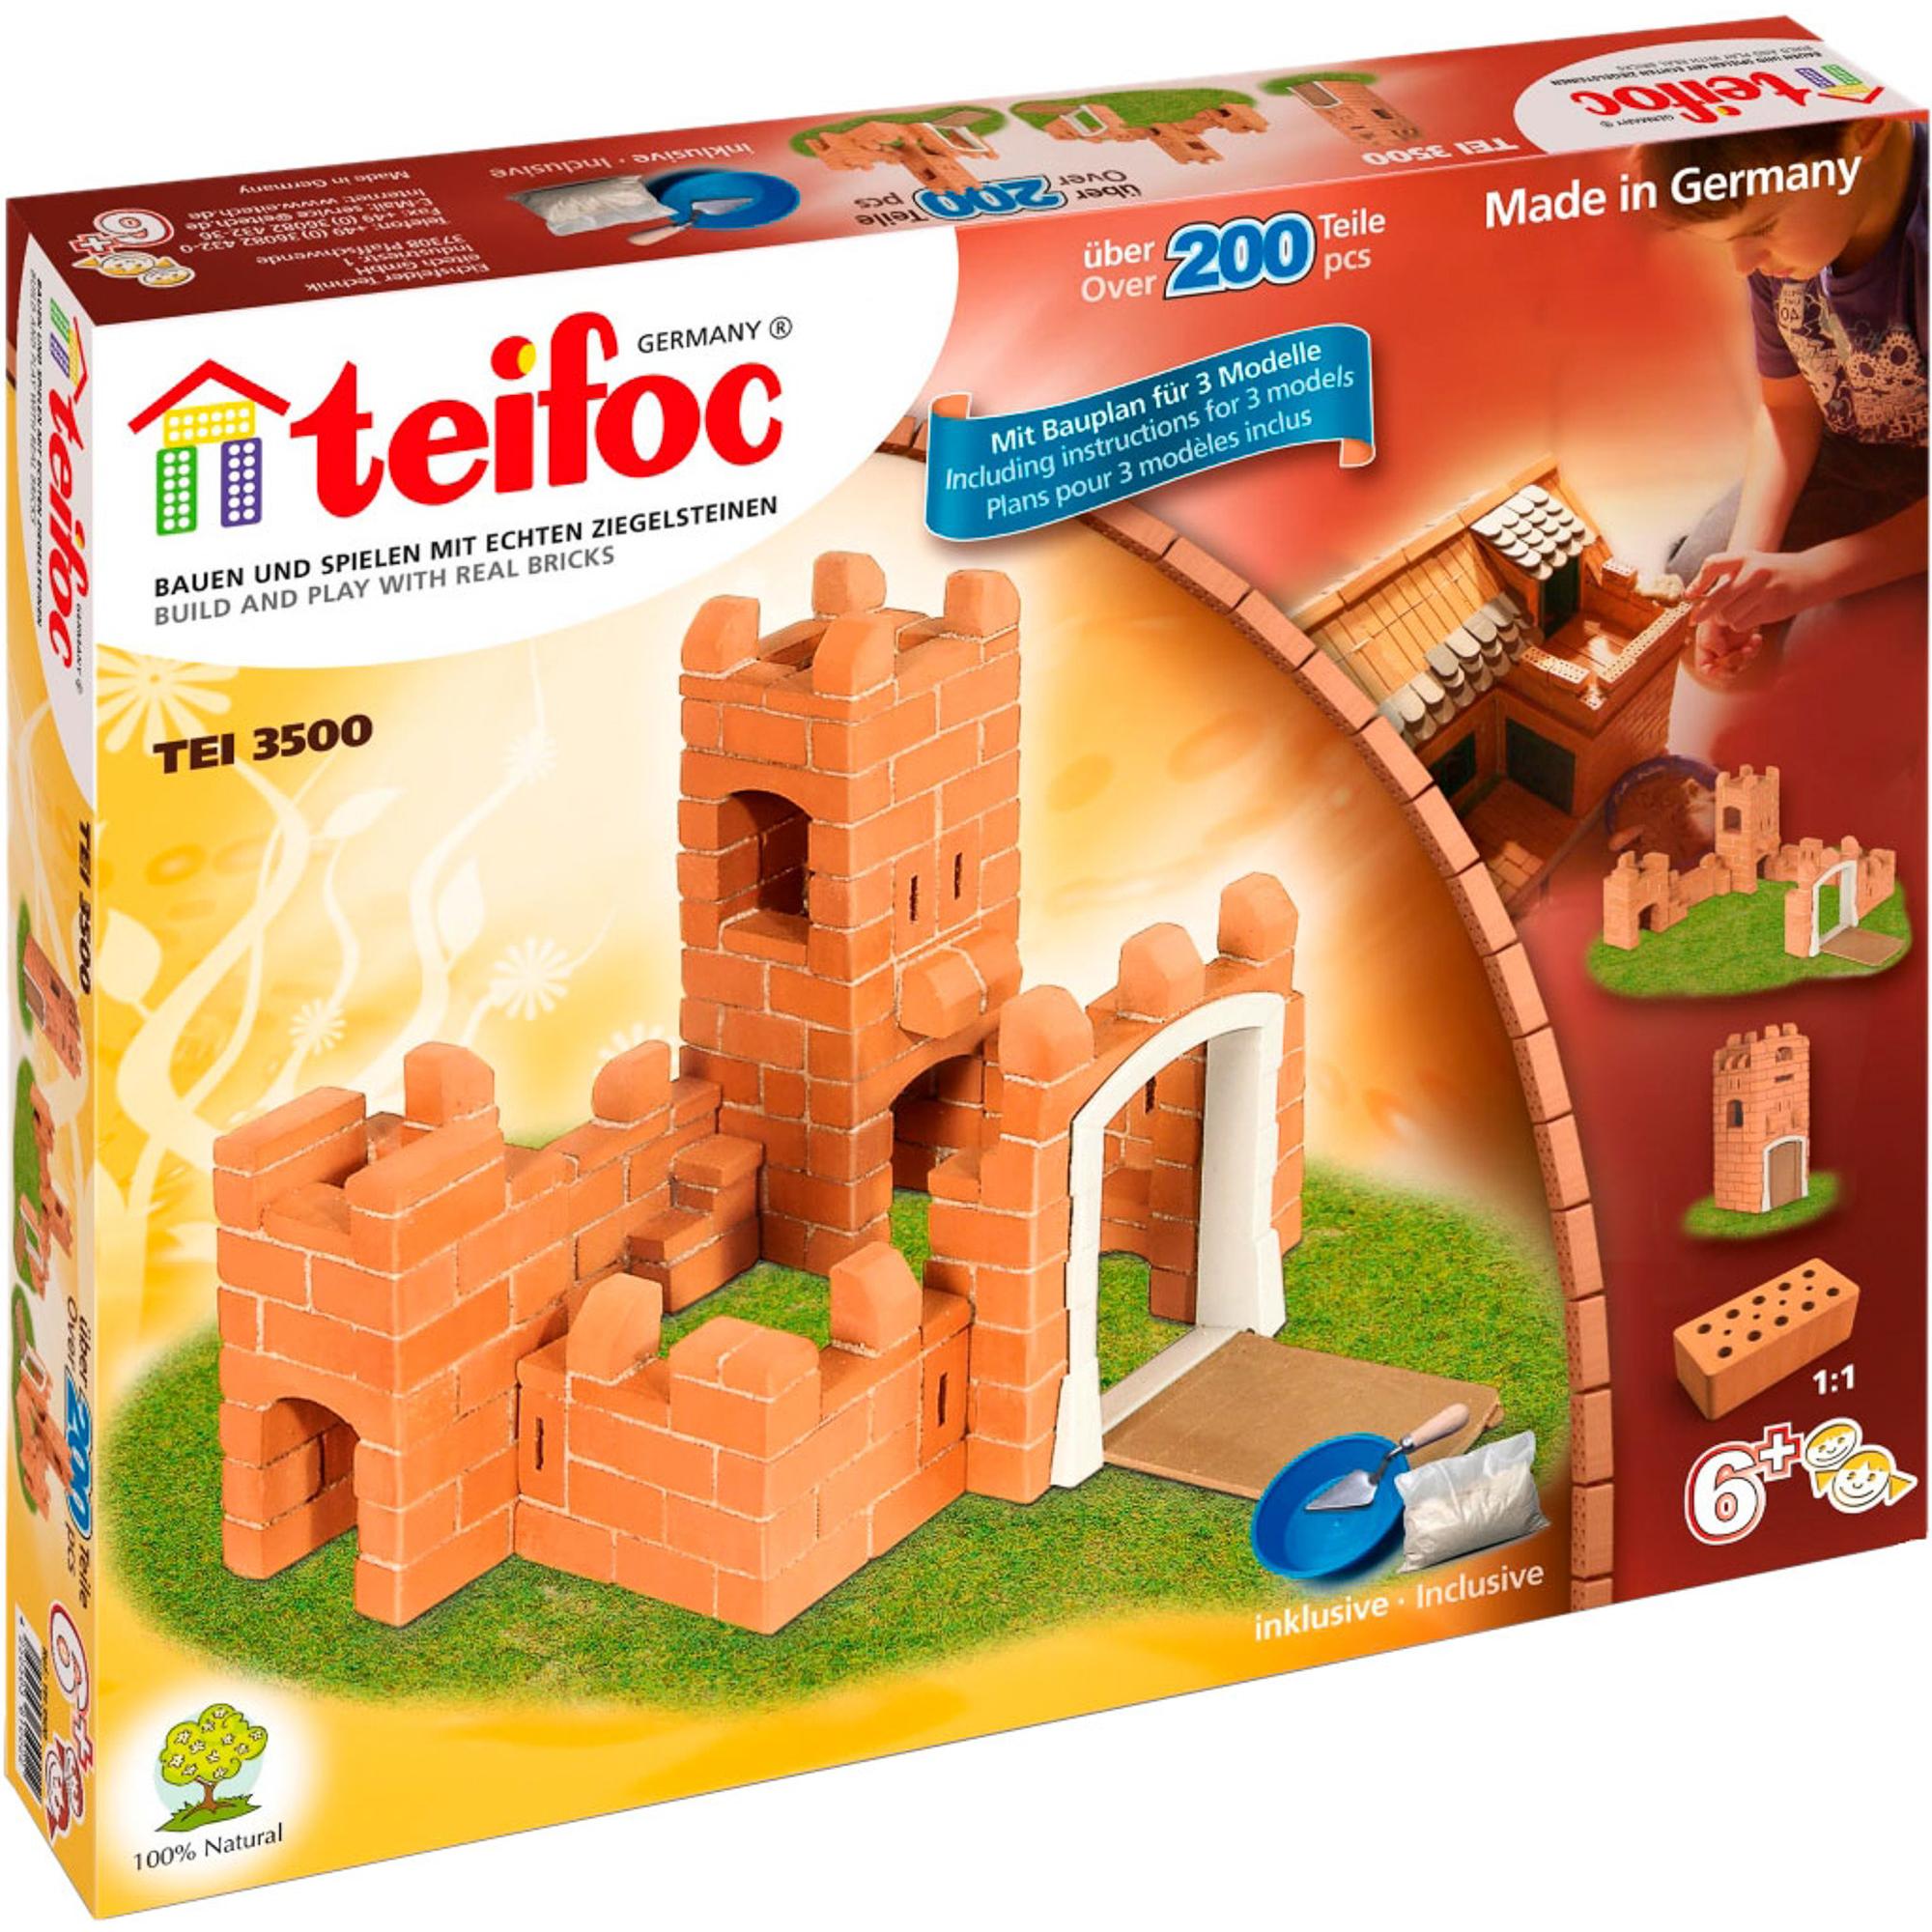 Фото - Игровой набор TEIFOC Замок TEI 3500 сборные модели teifoc дополнительный набор кирпичи смесь мастерок 280 деталей